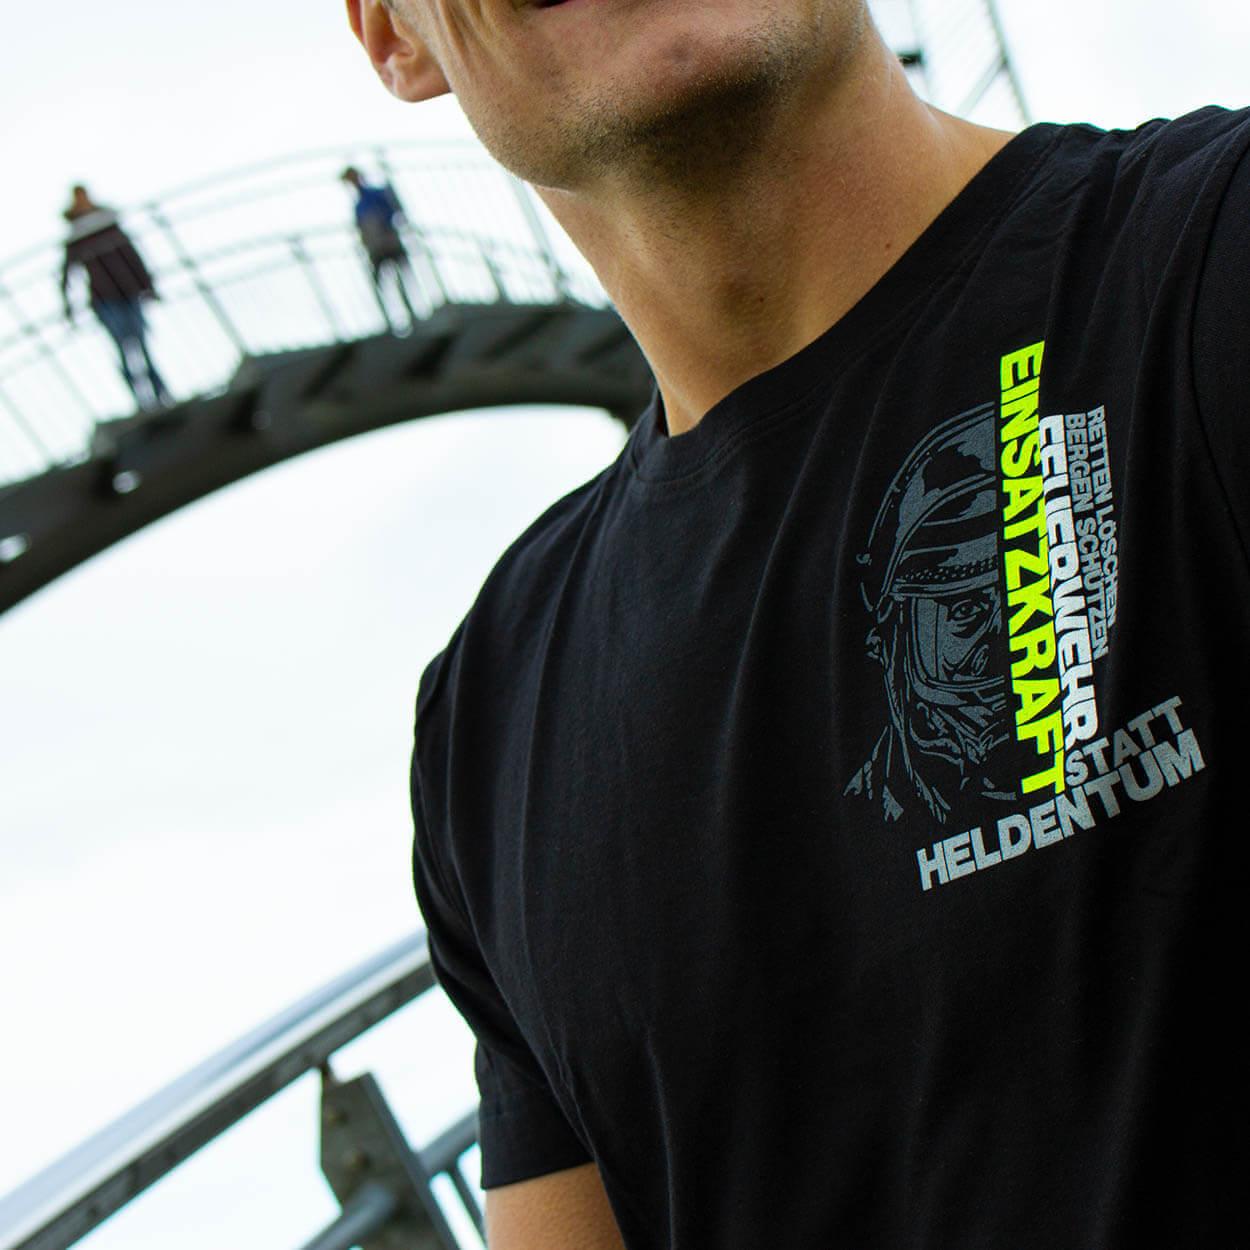 82 Millionen Design - Feuerwehr Männer T-Shirt schwarz